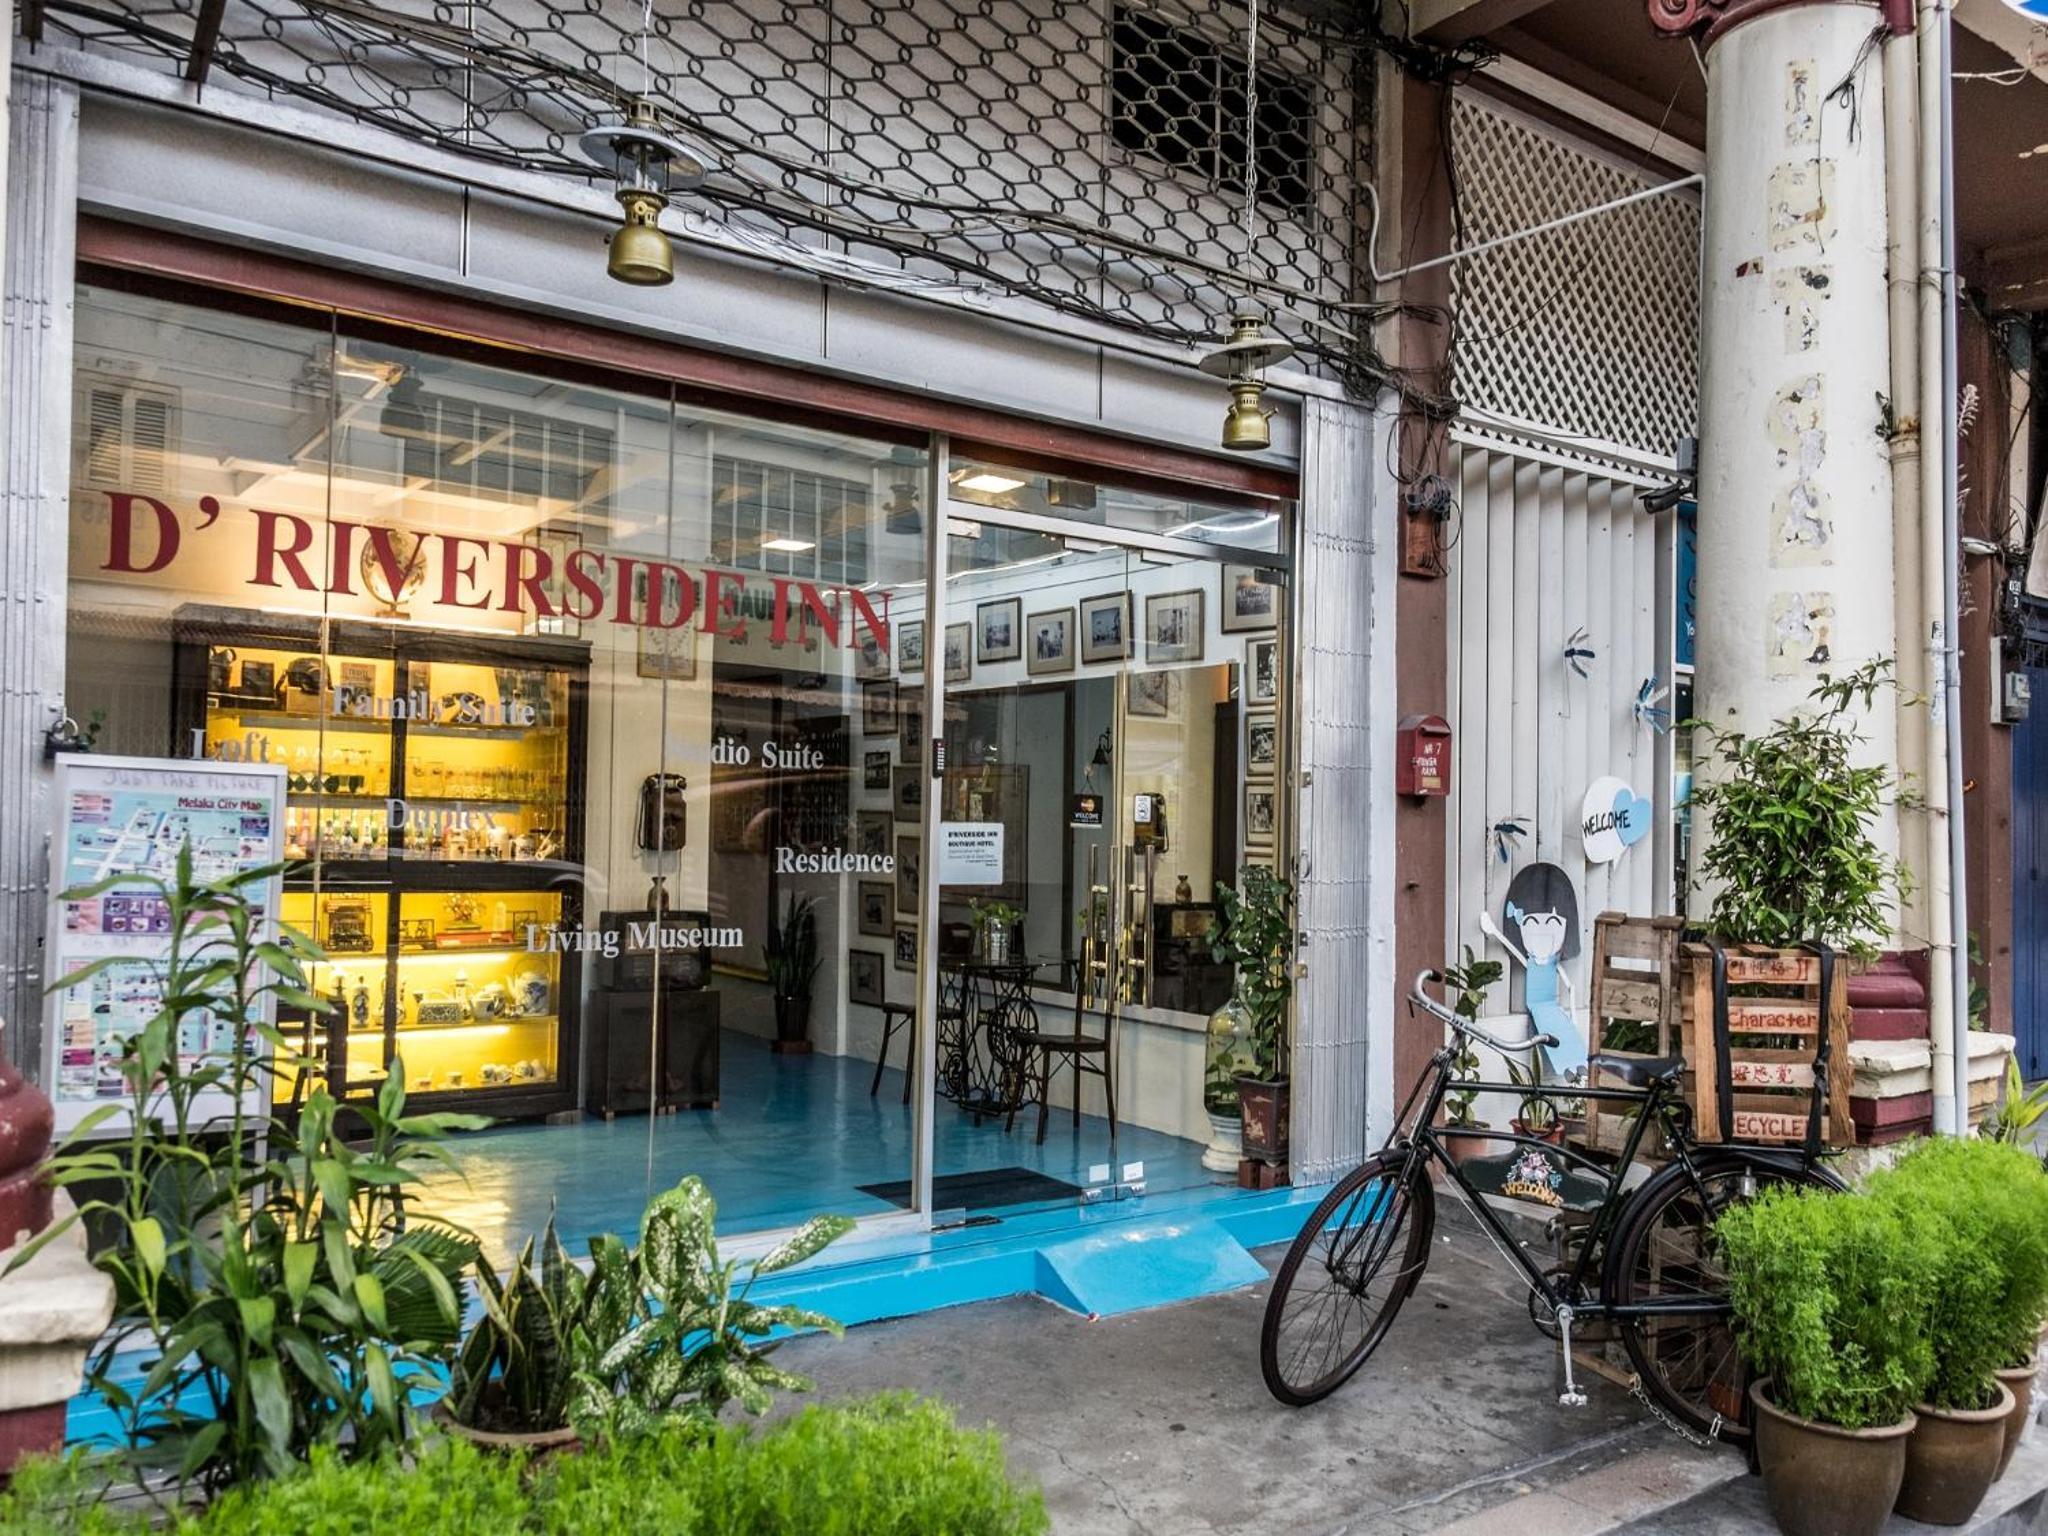 D'riverside Inn Melaka